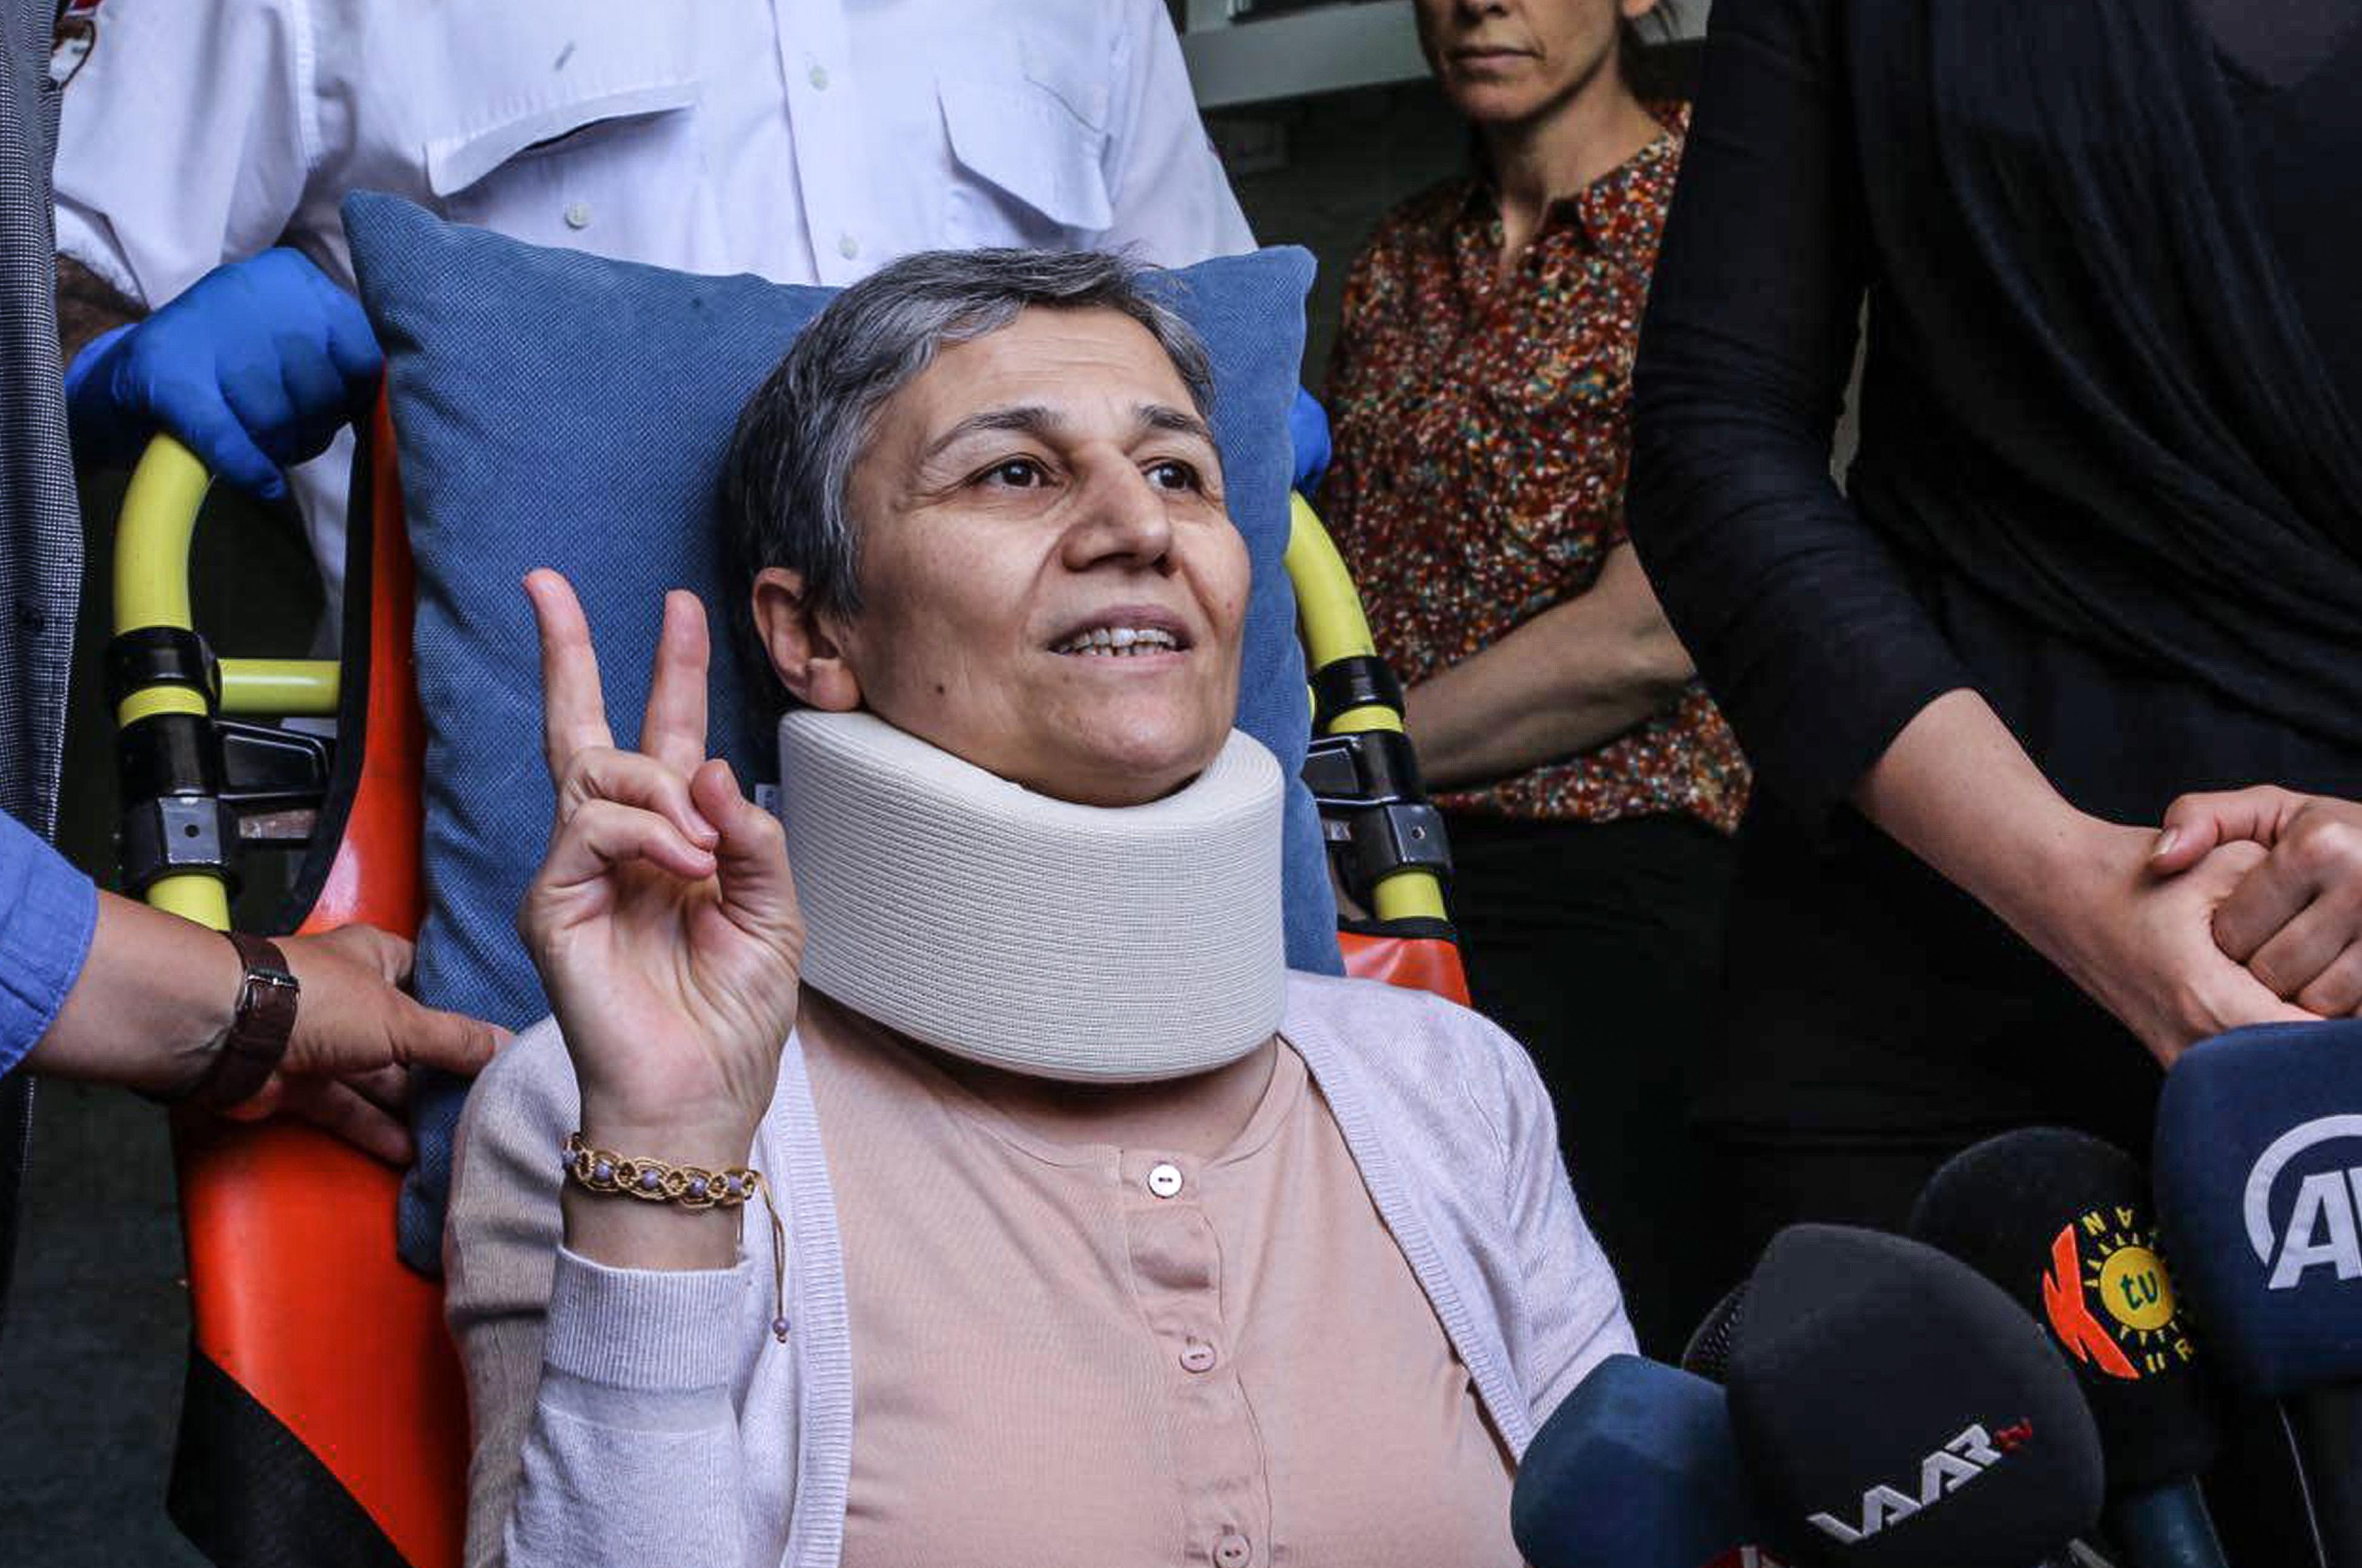 Terrorpropaganda vádjával 22 év börtönre ítéltek egy kurdbarát képviselőnőt Törökországban